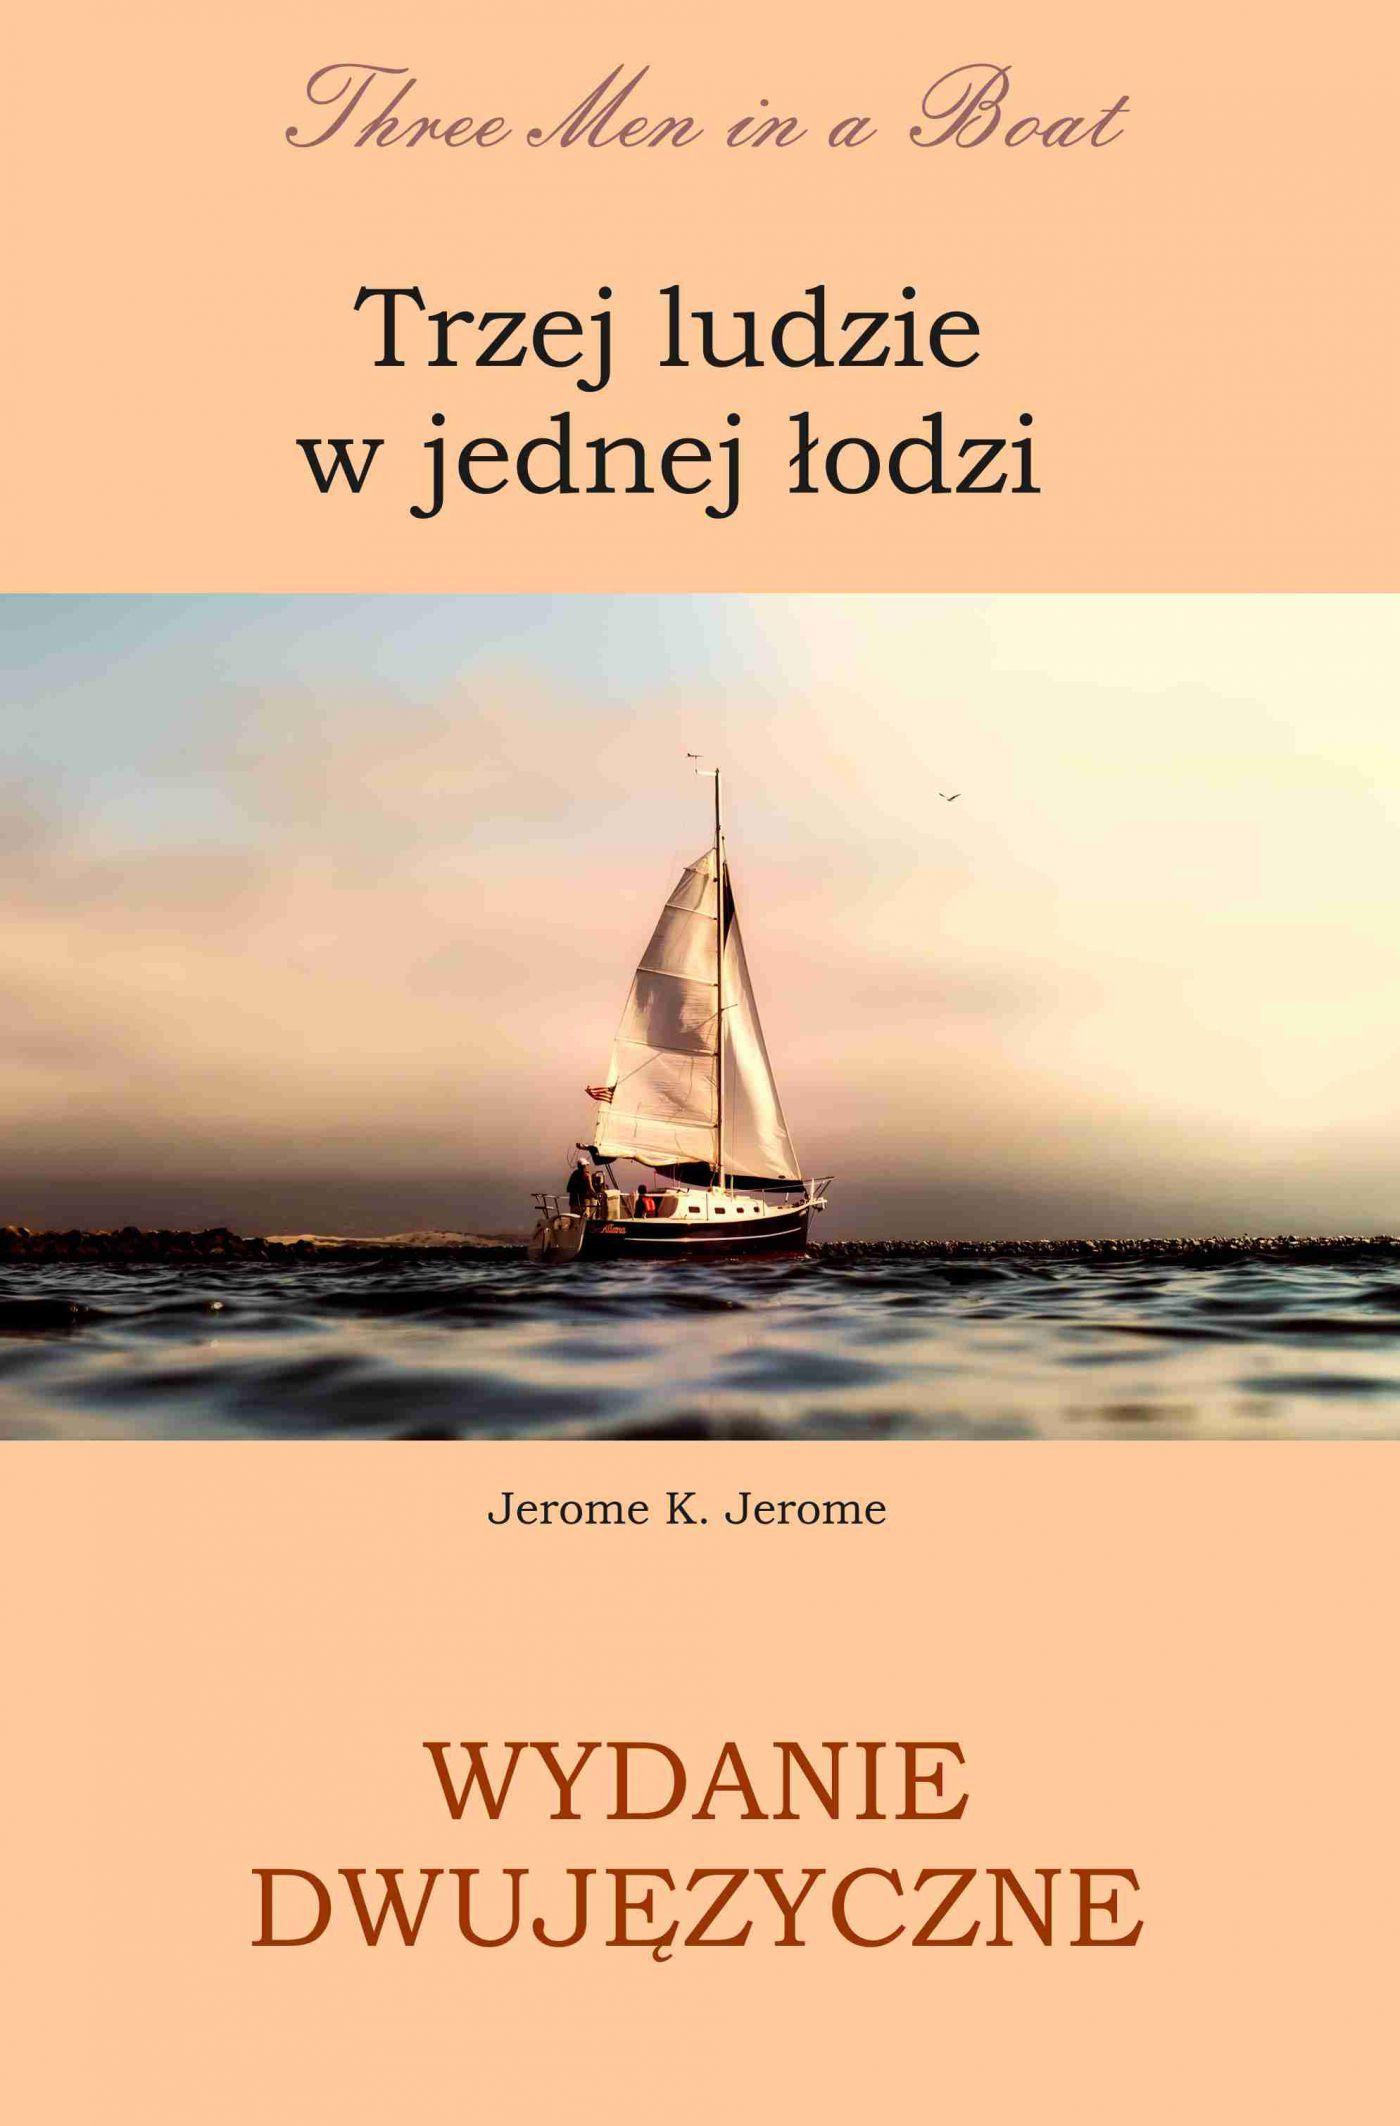 Trzej ludzie w jednej łodzi. Wydanie dwujęzyczne angielsko - polskie - Ebook (Książka PDF) do pobrania w formacie PDF